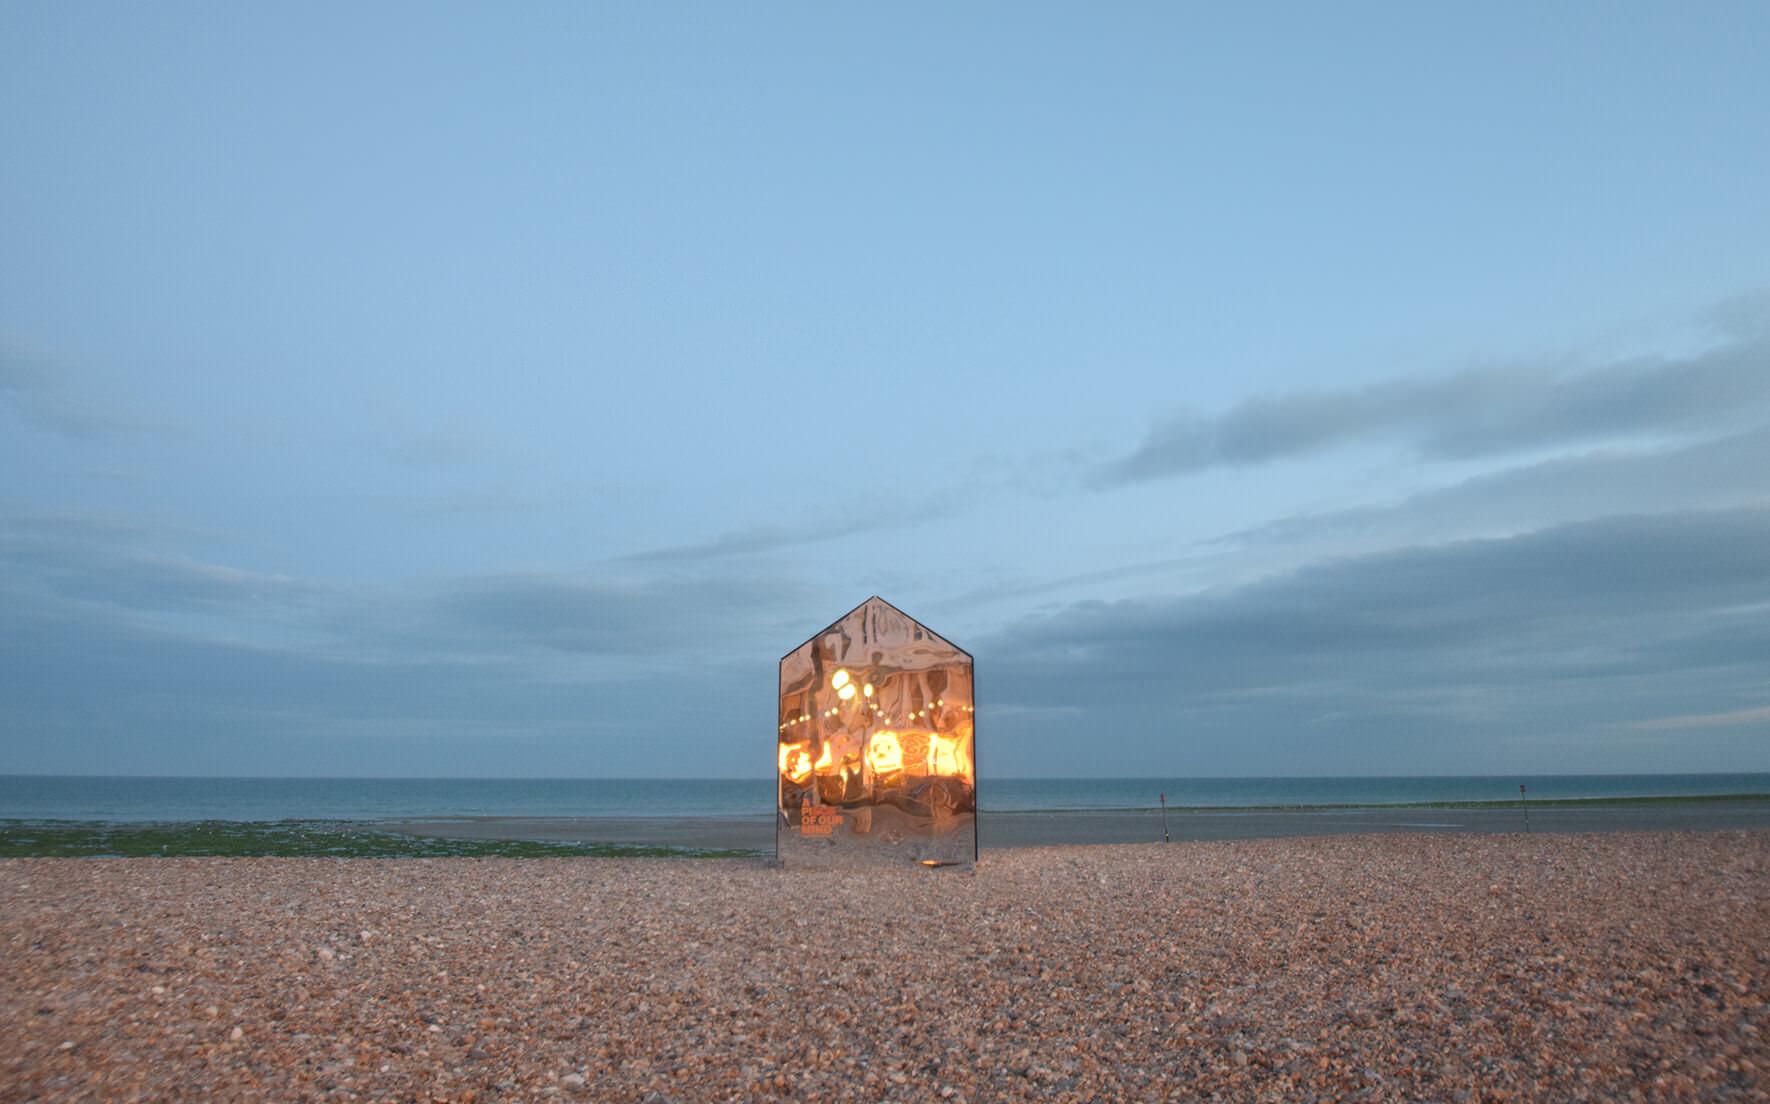 beach-hut-large-3